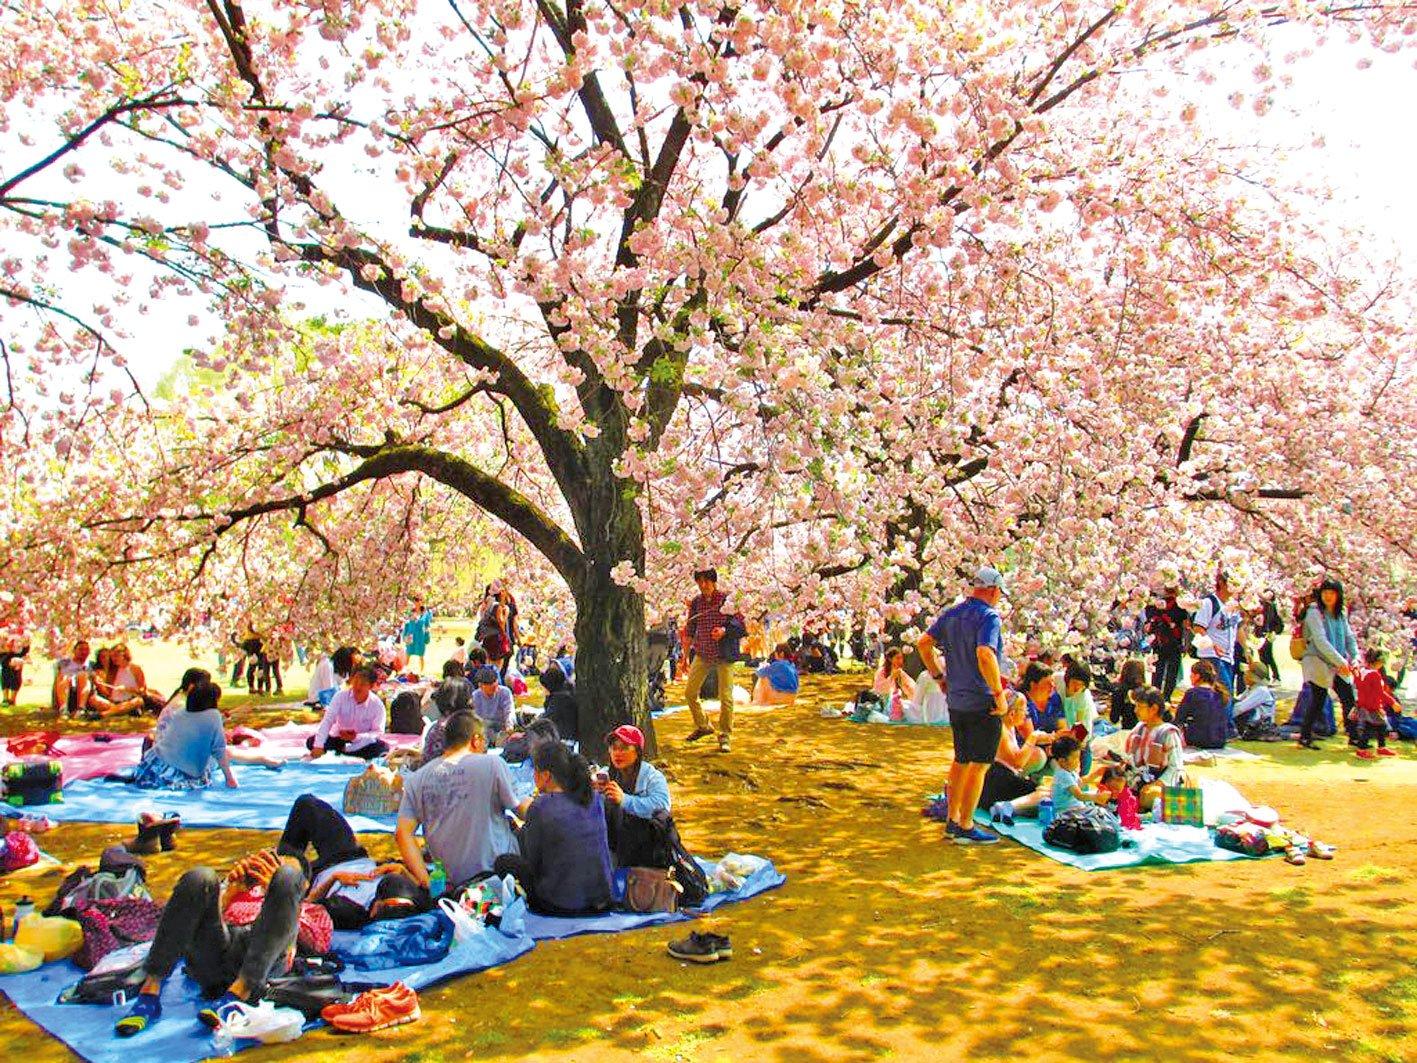 櫻花樹下花客雲集。